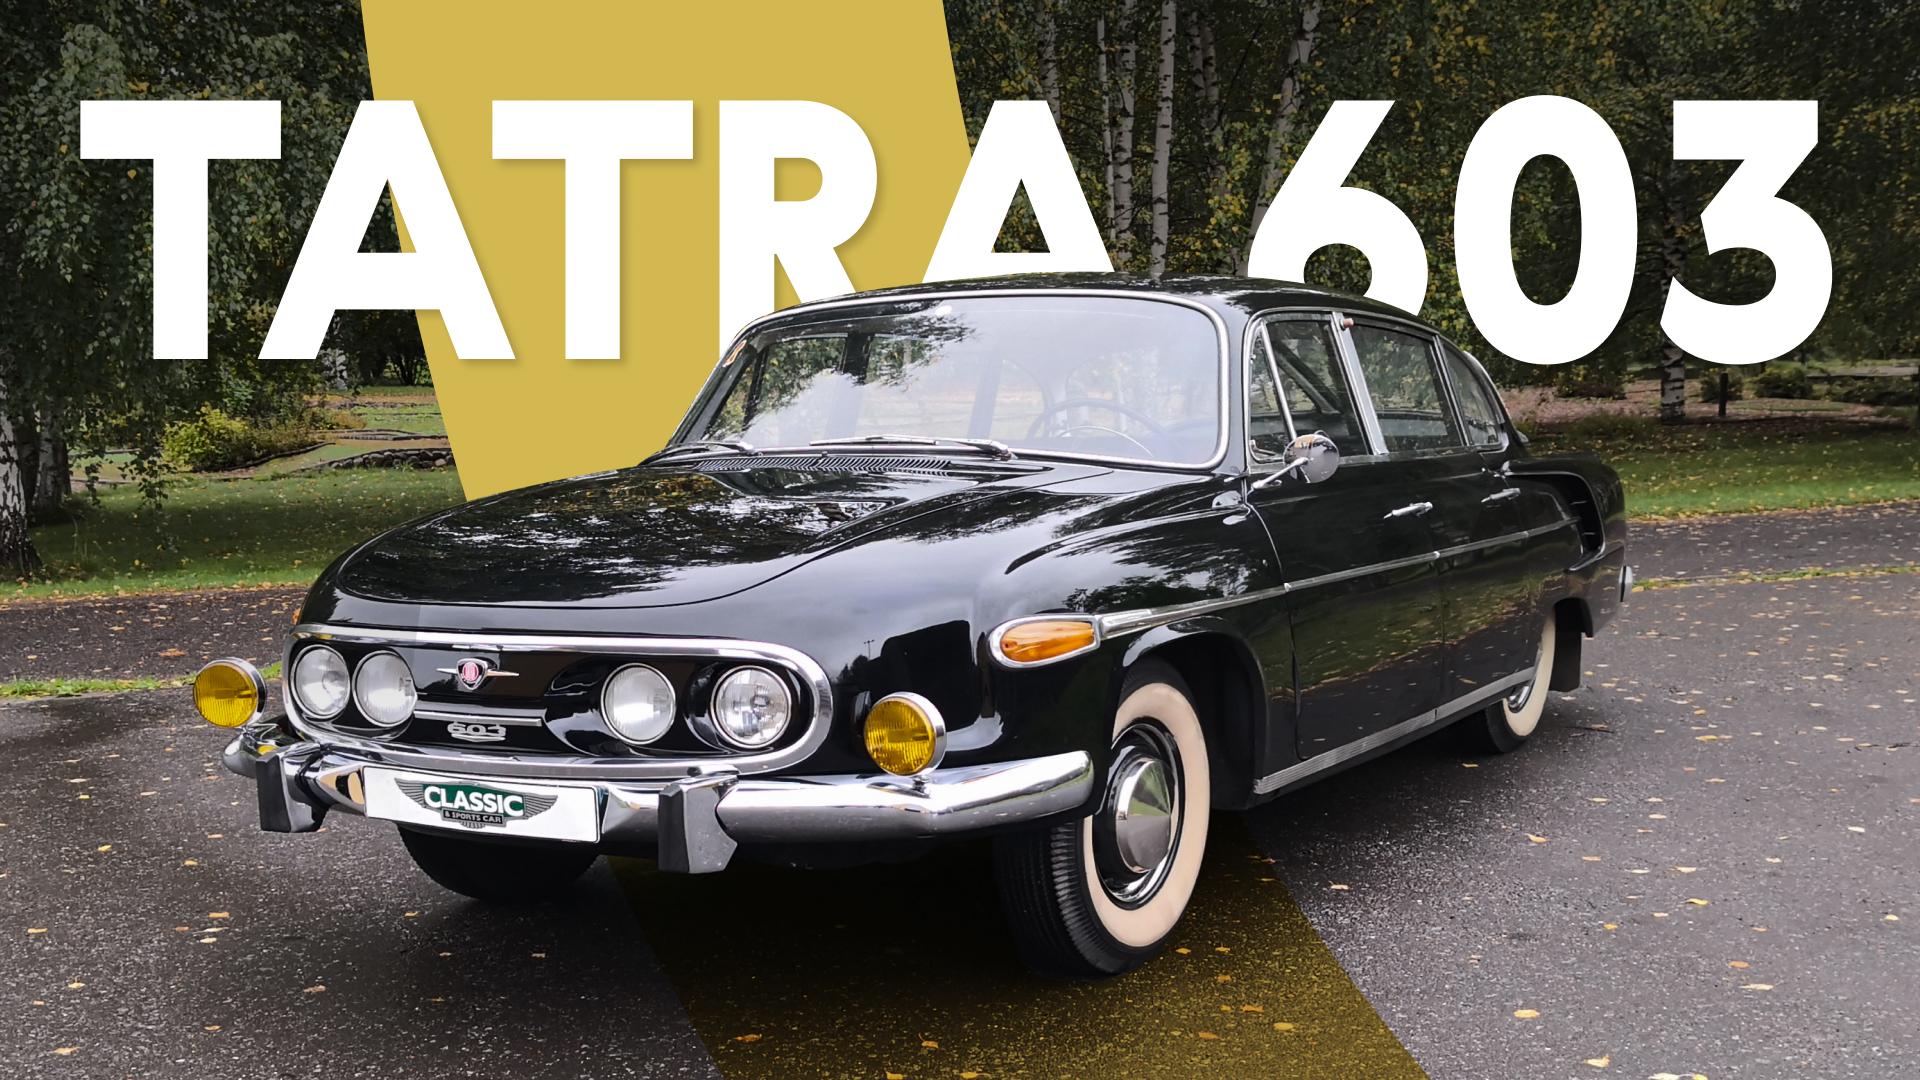 Tatra 603: если бы Панамеру придумали в Чехословакии